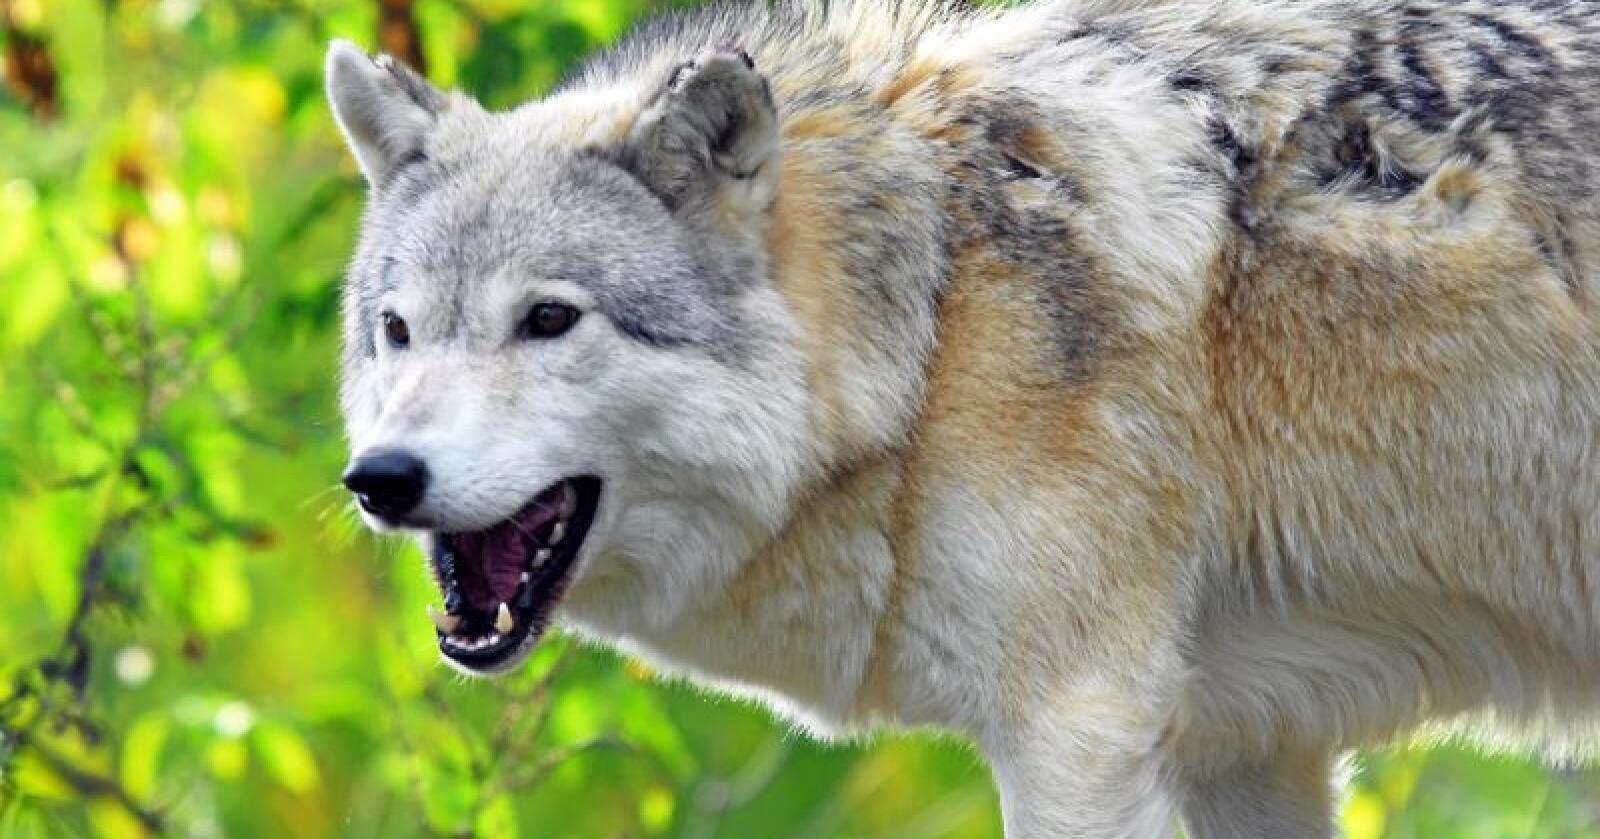 Ulven angrep hunden i det den forsøkte å stikke av. Illustrasjonsfoto: Nialat/Mostphotos